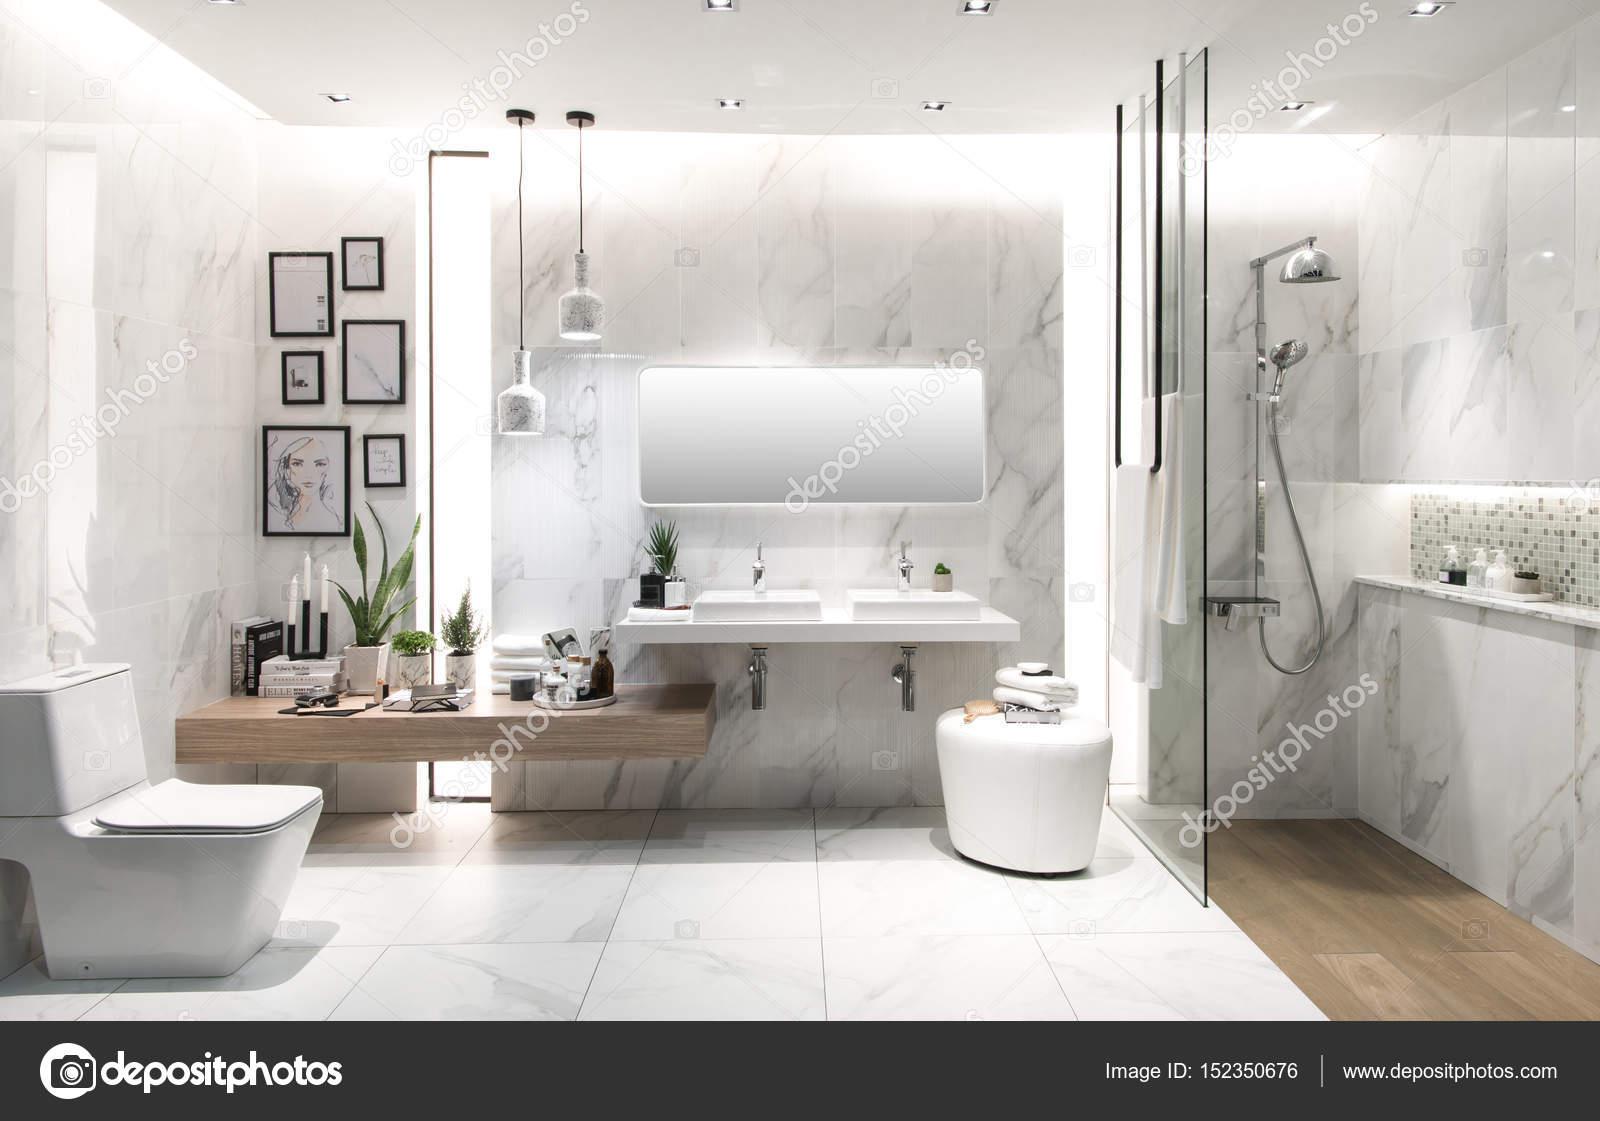 Imágenes: cuarto | interior de cuarto de baño con lavabo y grifo ...